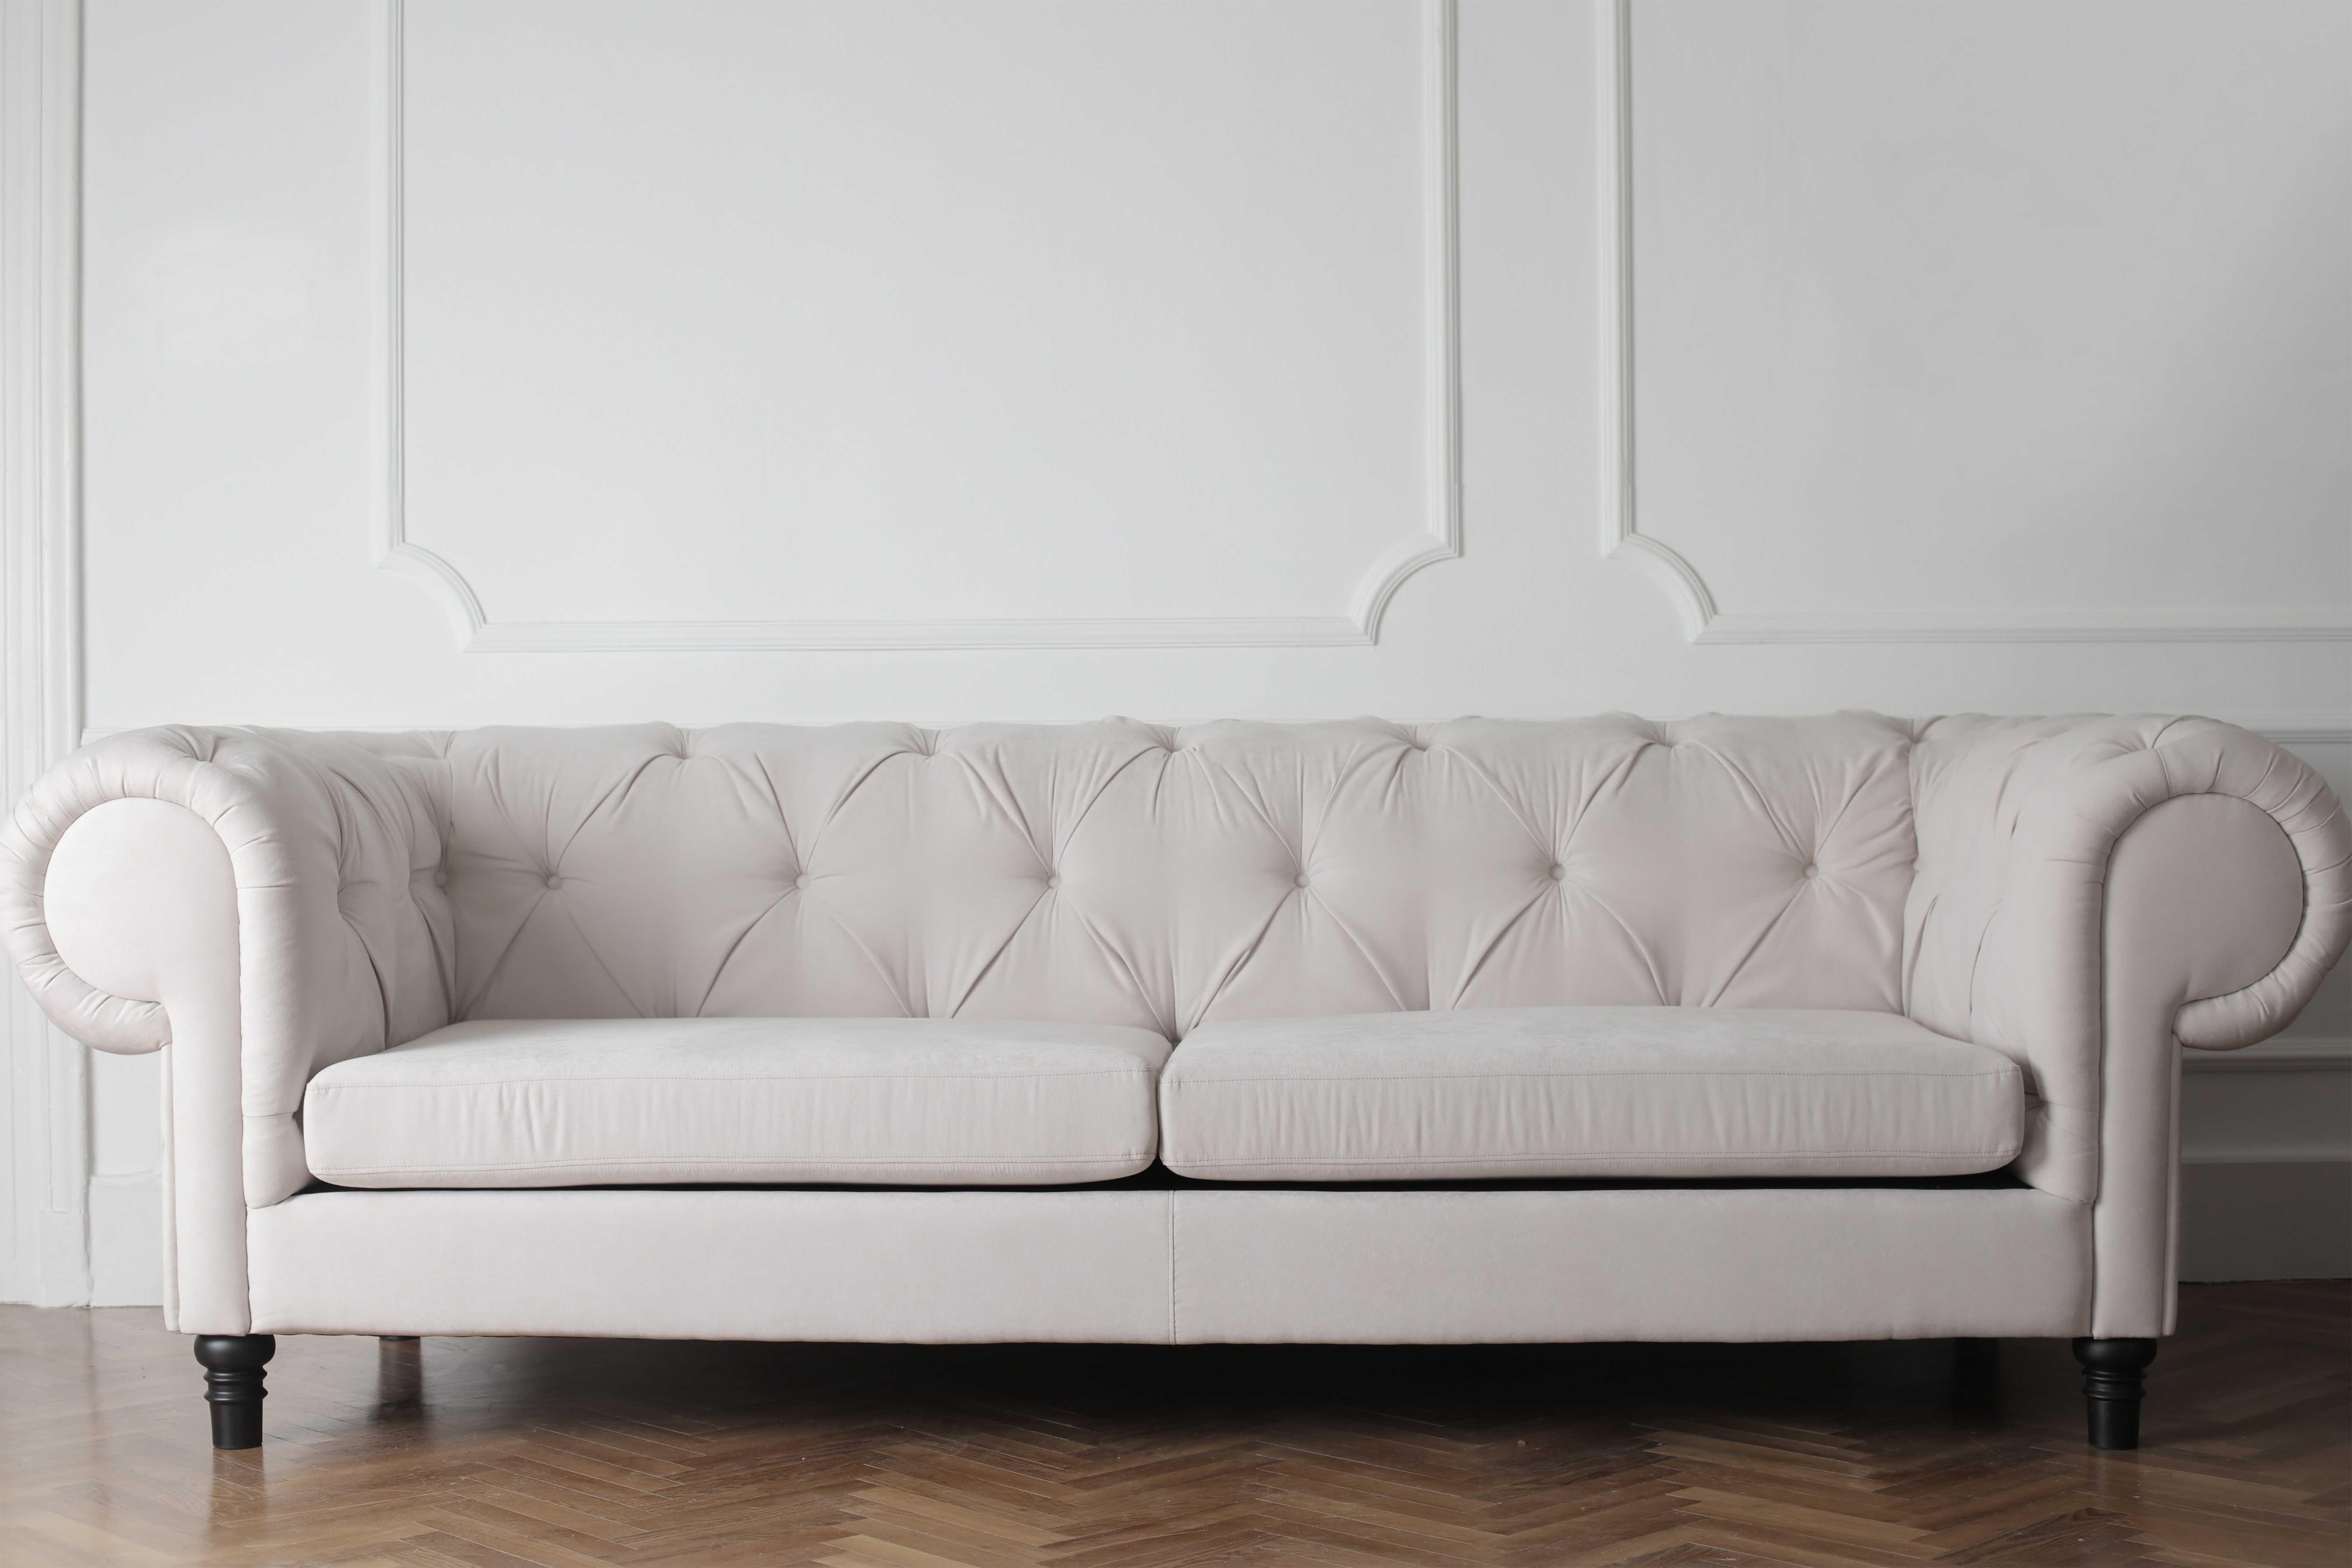 Promo sur un nettoyage complet de votre canapé 2 places - Grande Terre